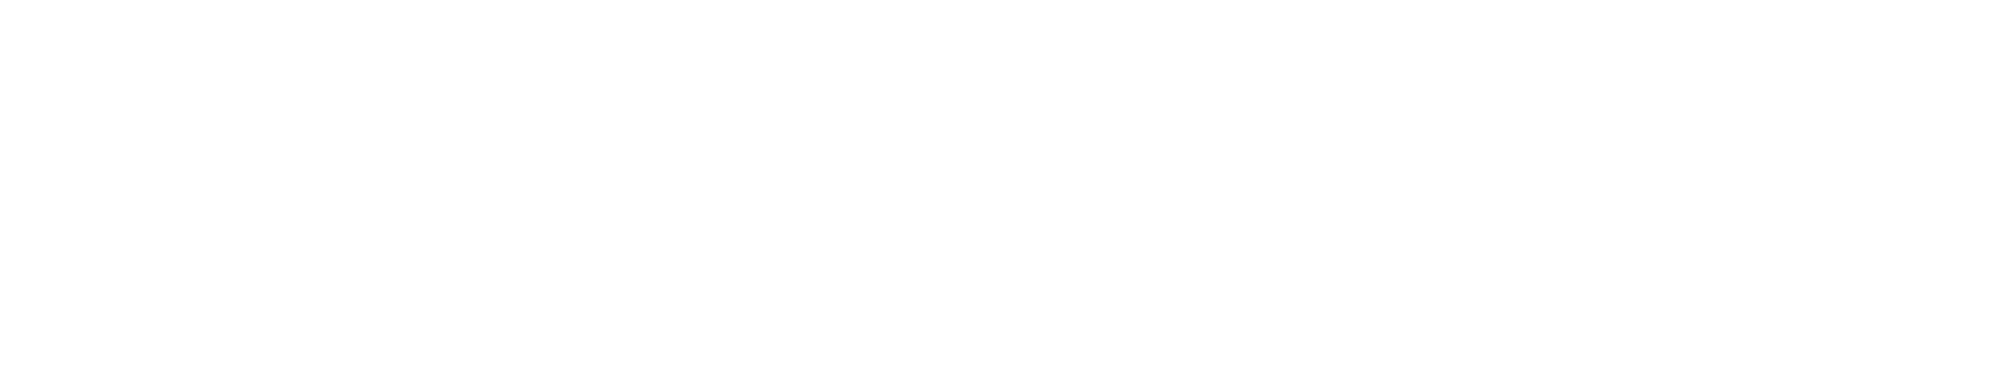 divisore-diagonale-bianco